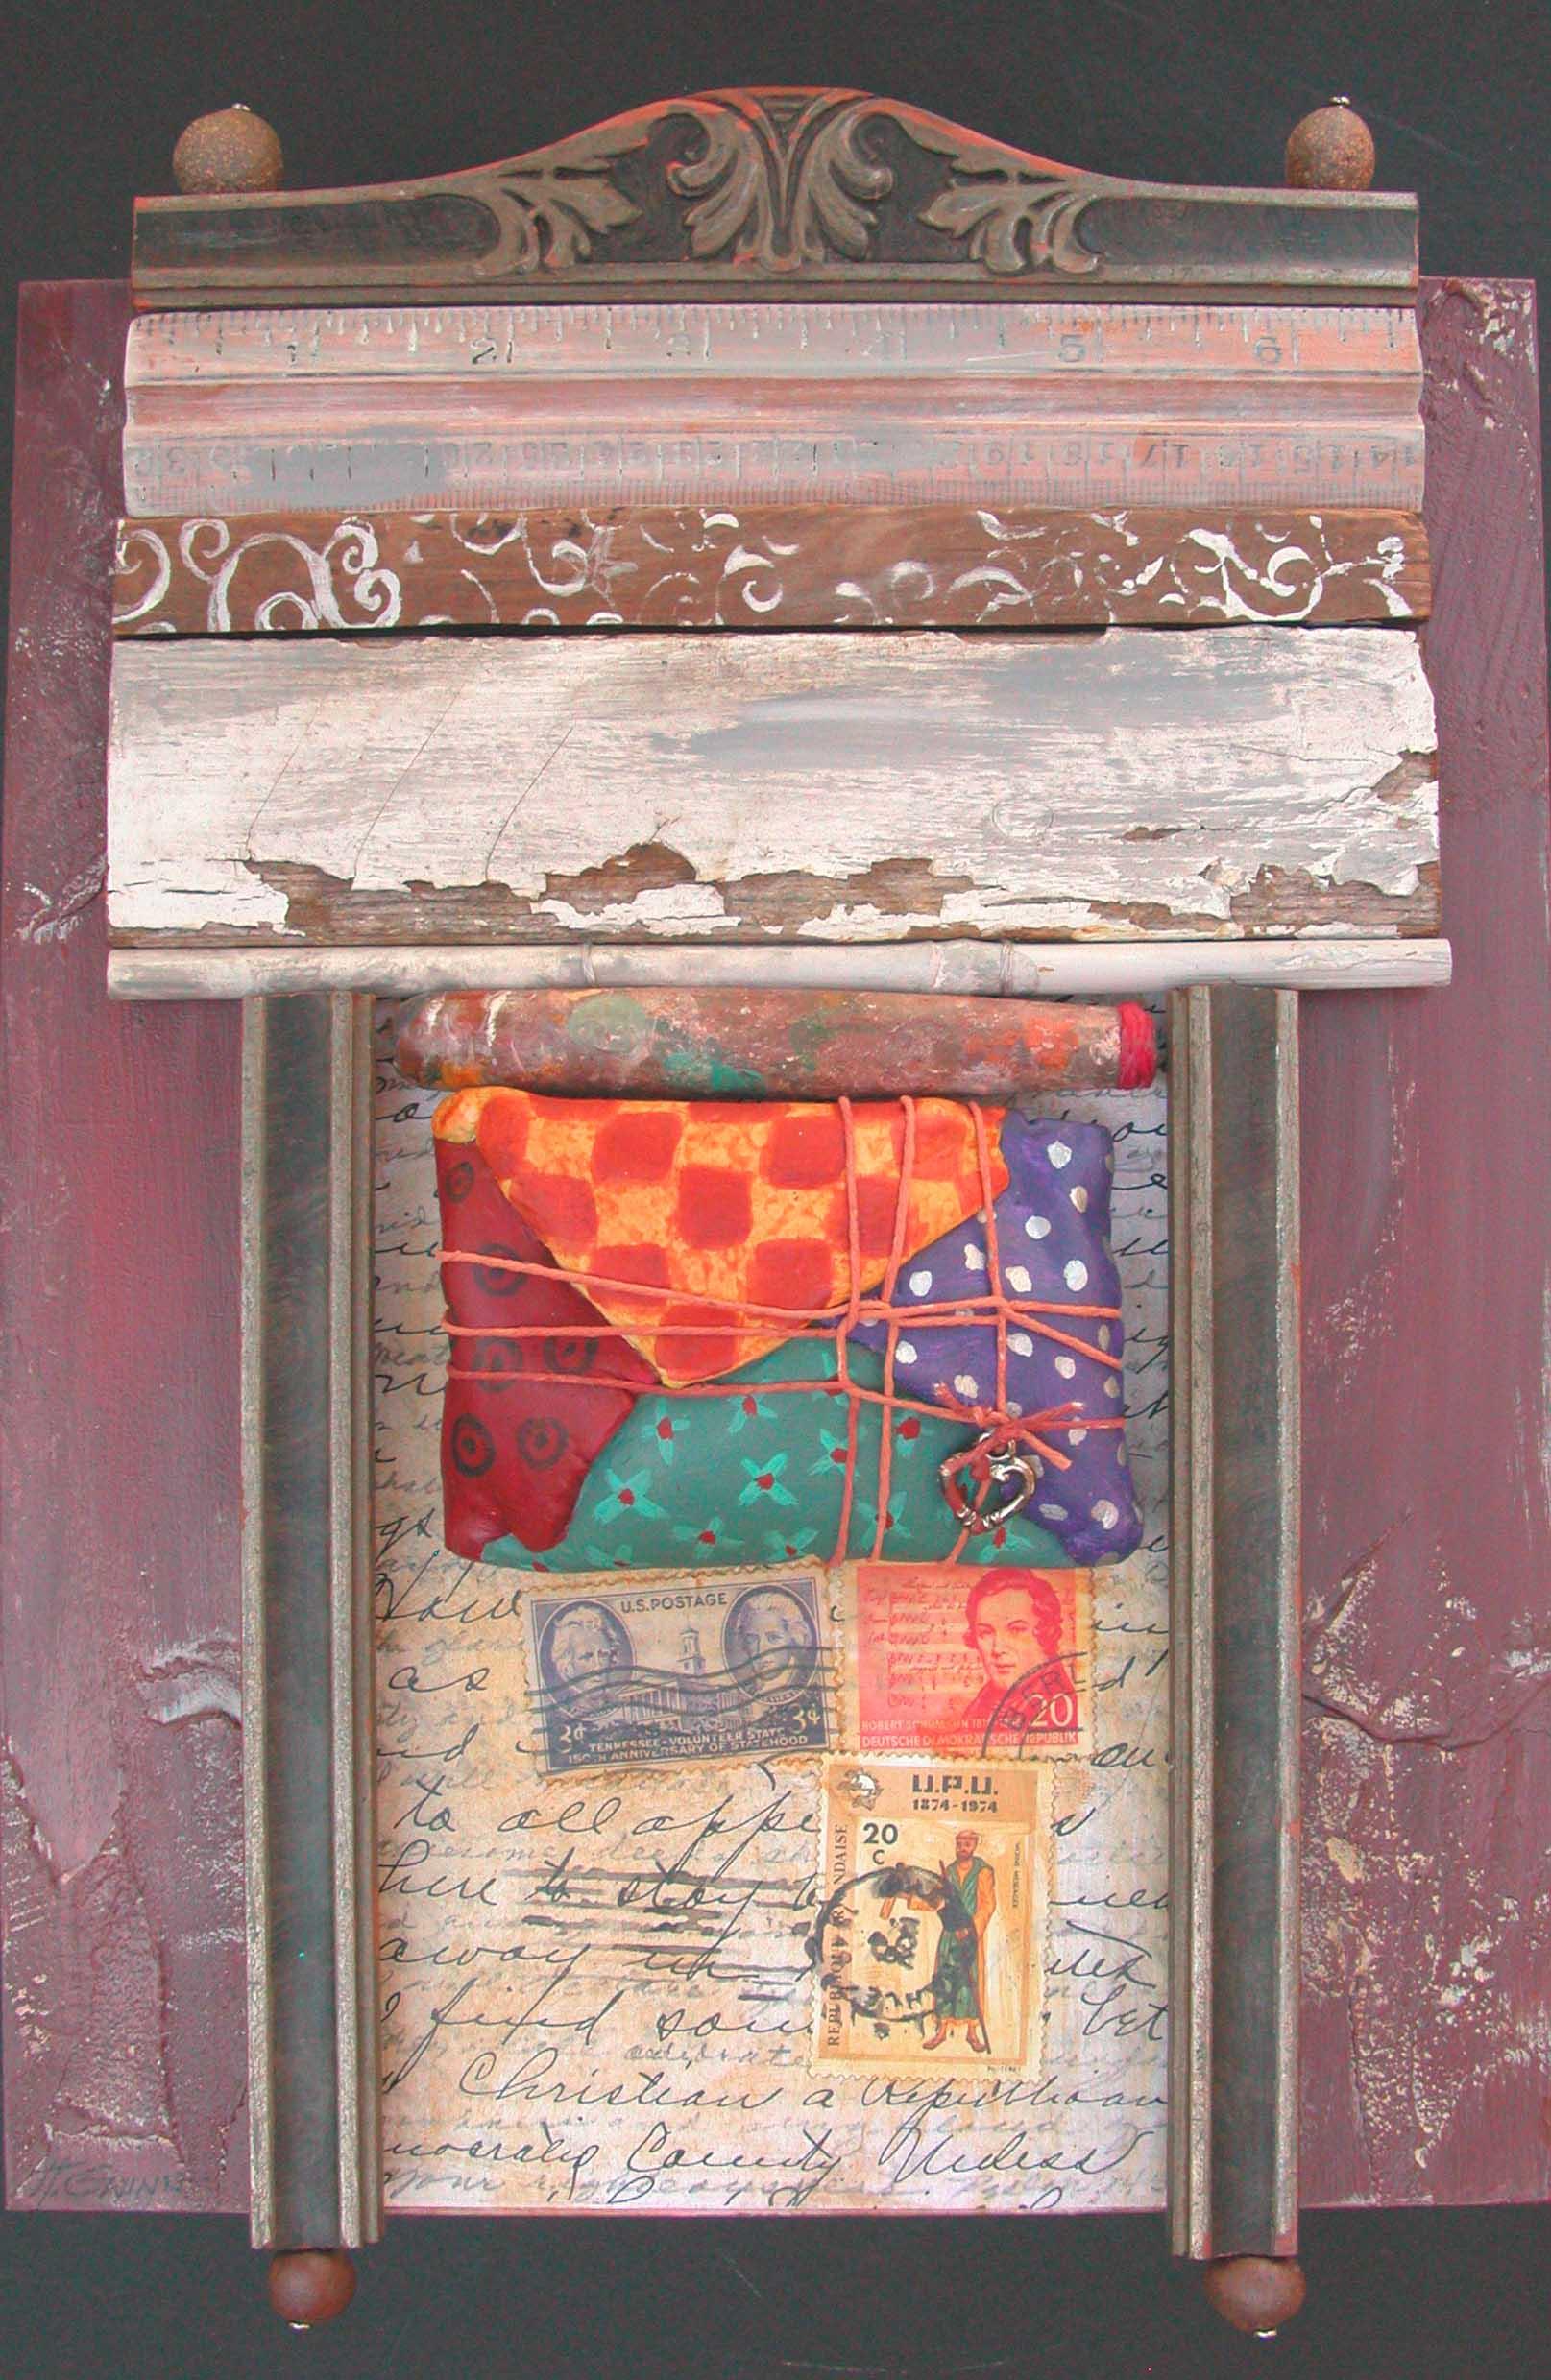 Assemblages Helen Gwinn New Mexico Artist